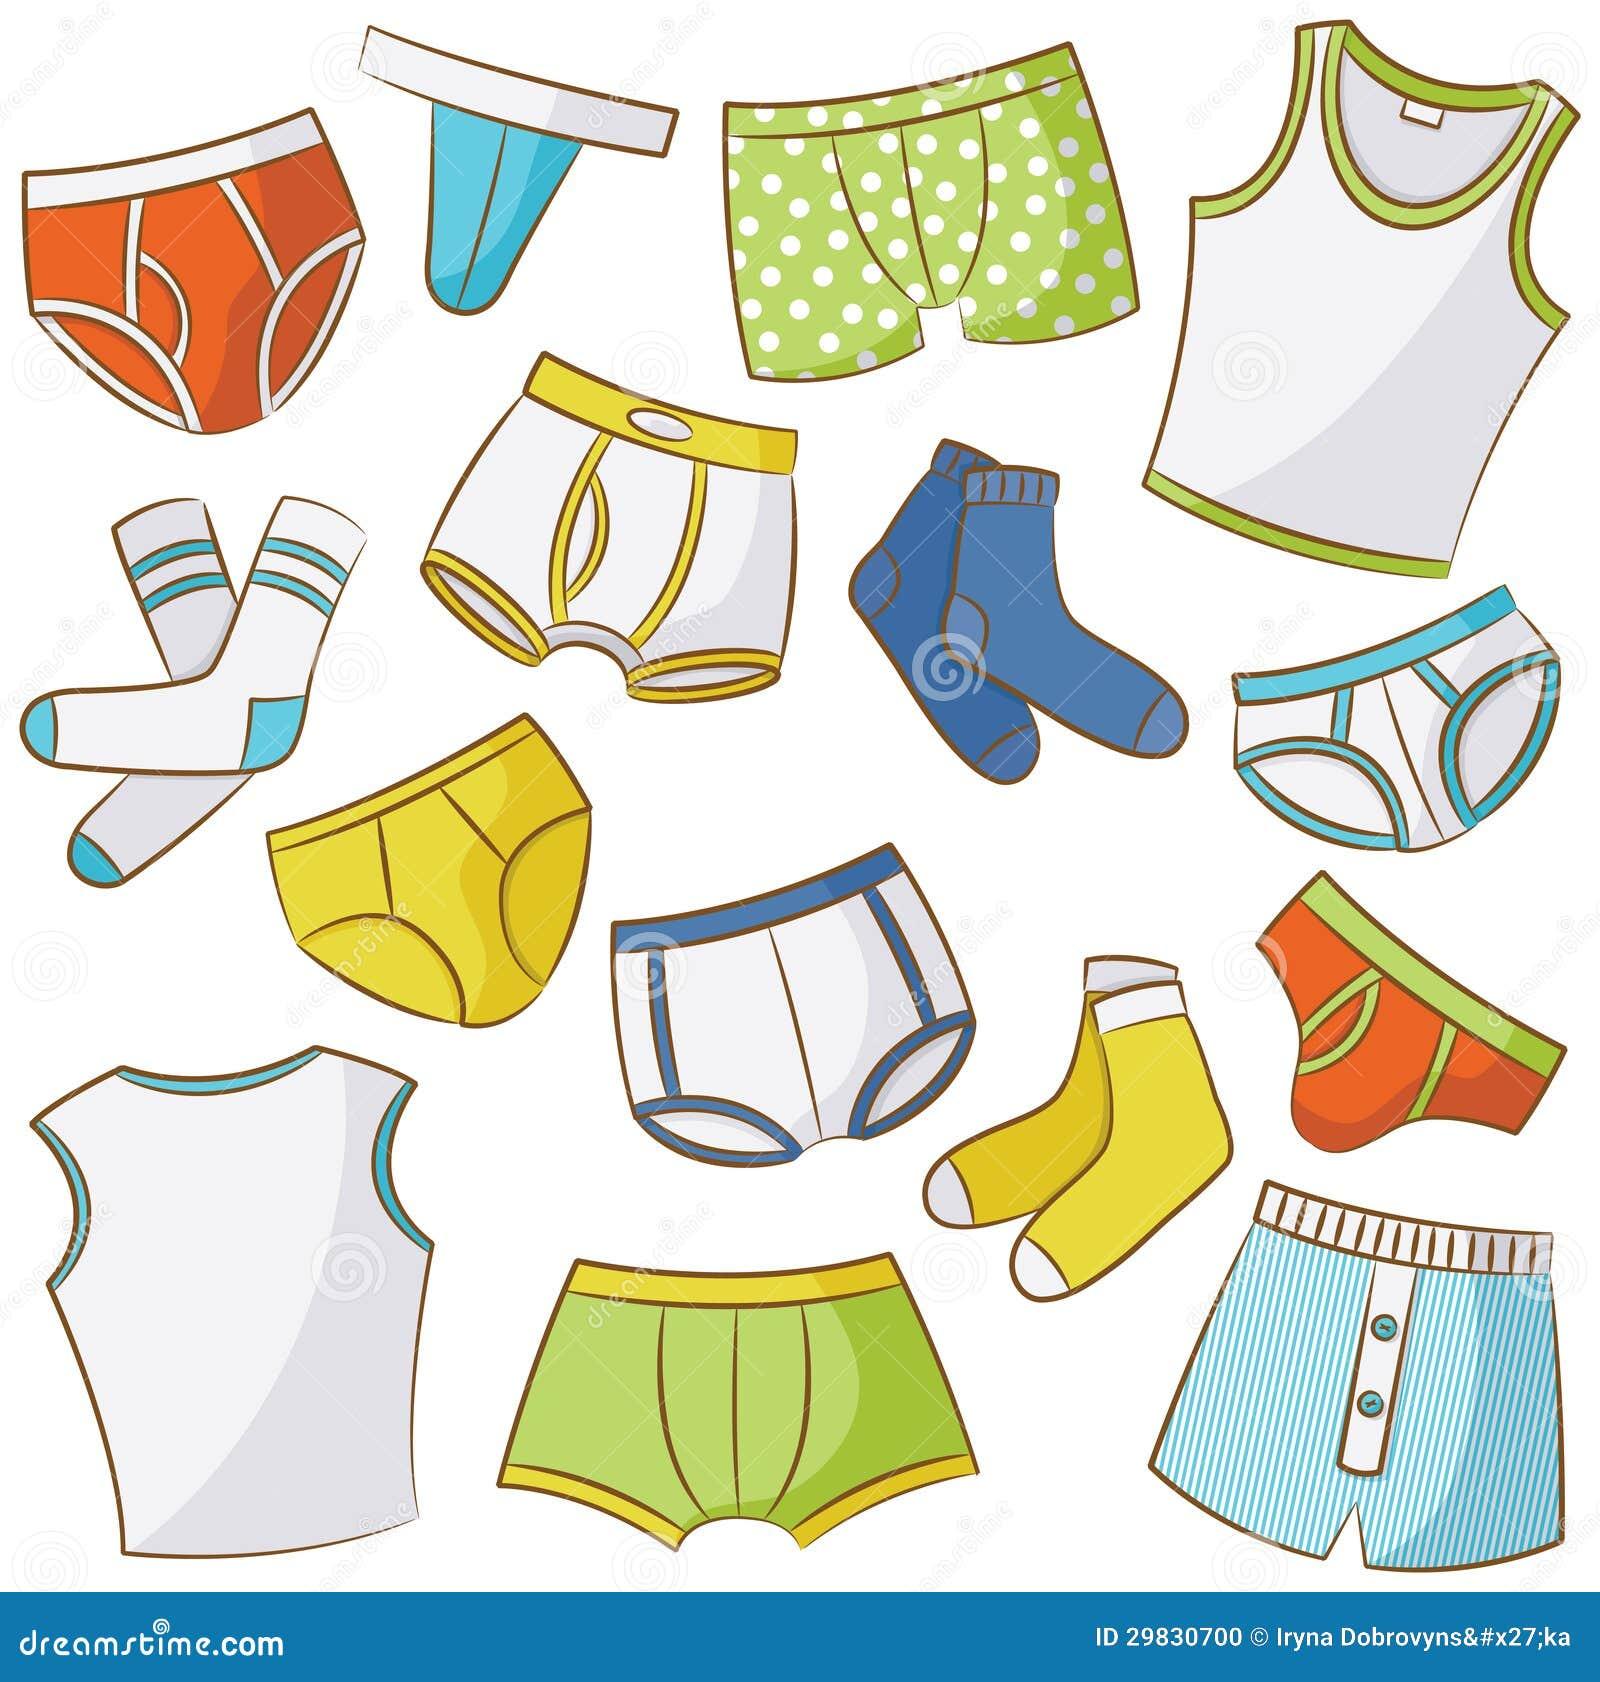 clipart underwear free - photo #28